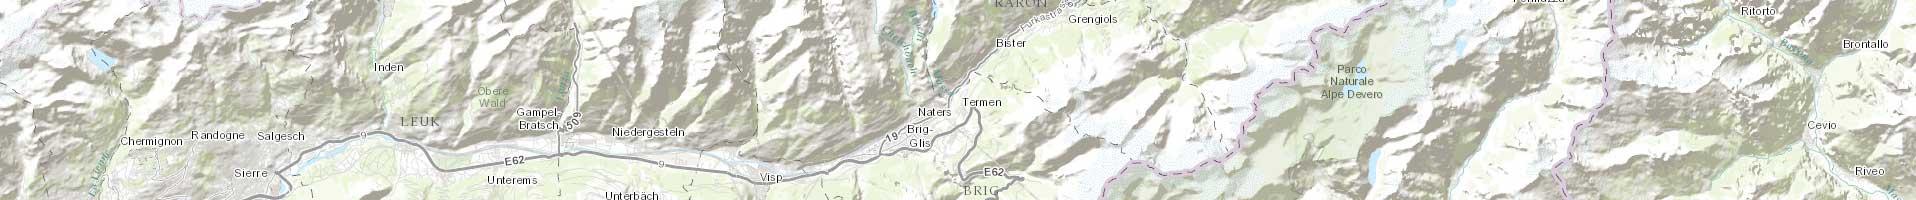 Carte topographique Monde / ESRI 4e niveau d'agrandissement